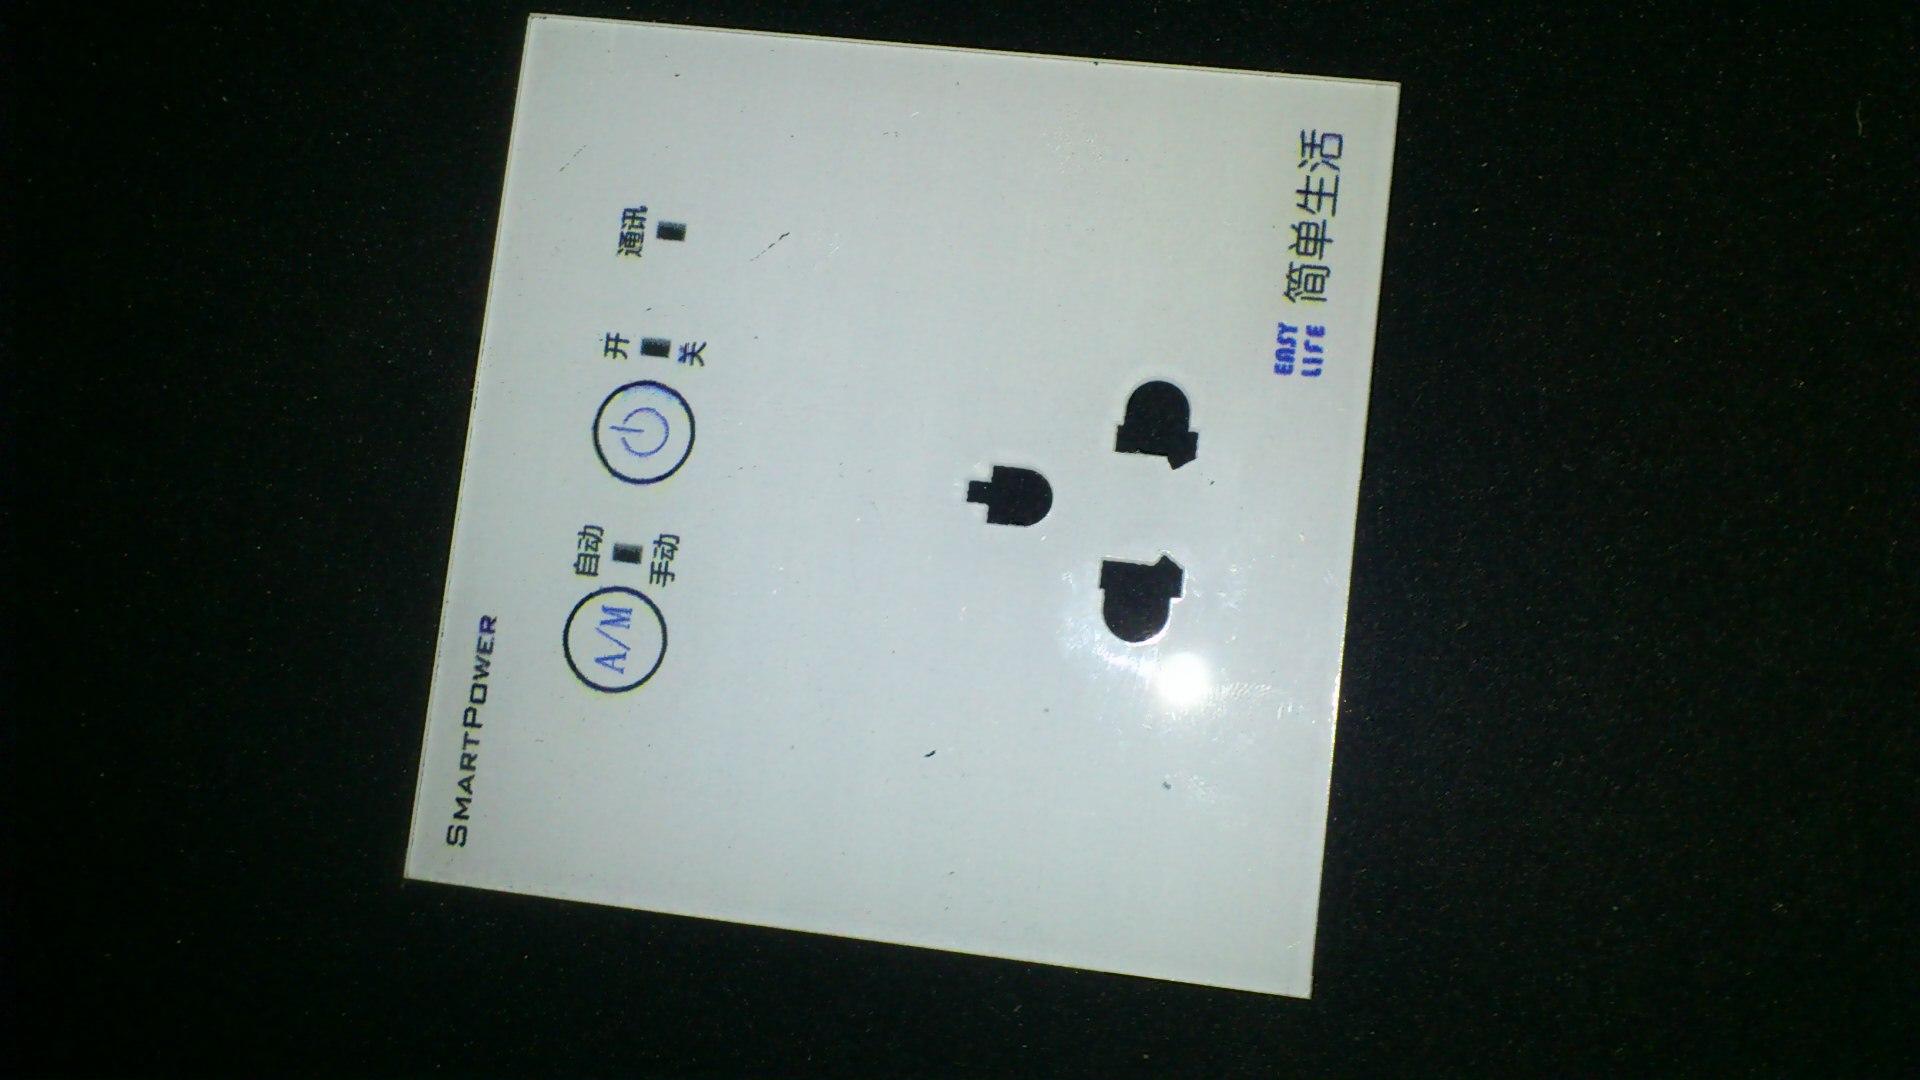 อะคริลิคแผ่นแก้วอินทรีย์การประมวลผลที่กำหนดเอง * * * * * * * 1-20mm20 สกรีนตัด 30 ซม. ราคาพิเศษนำเข้าสูงมาก